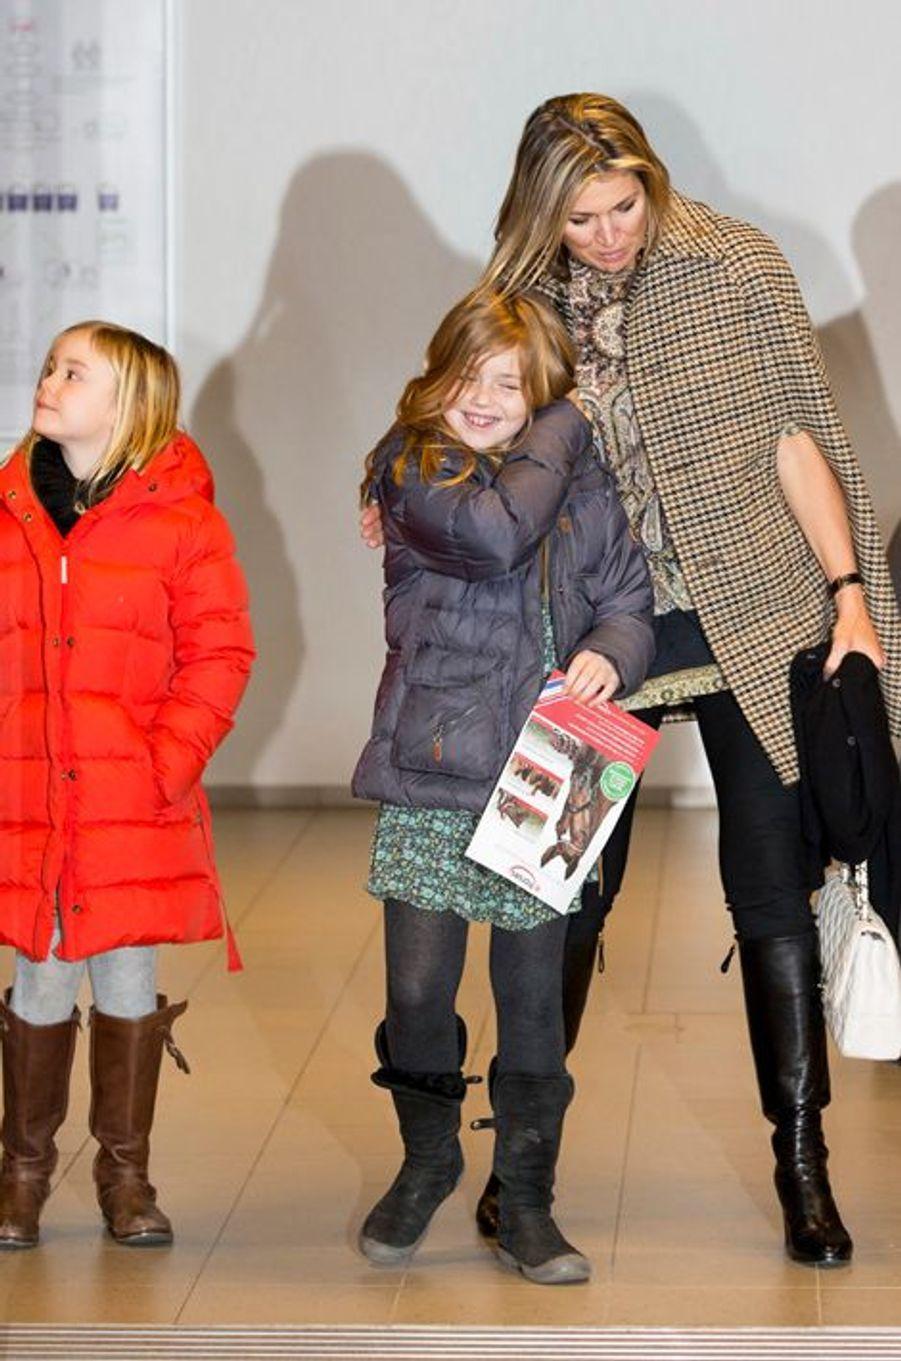 La reine Maxima et les princesses Alexia et Ariane au Jumping Amsterdam, le 1er février 2015